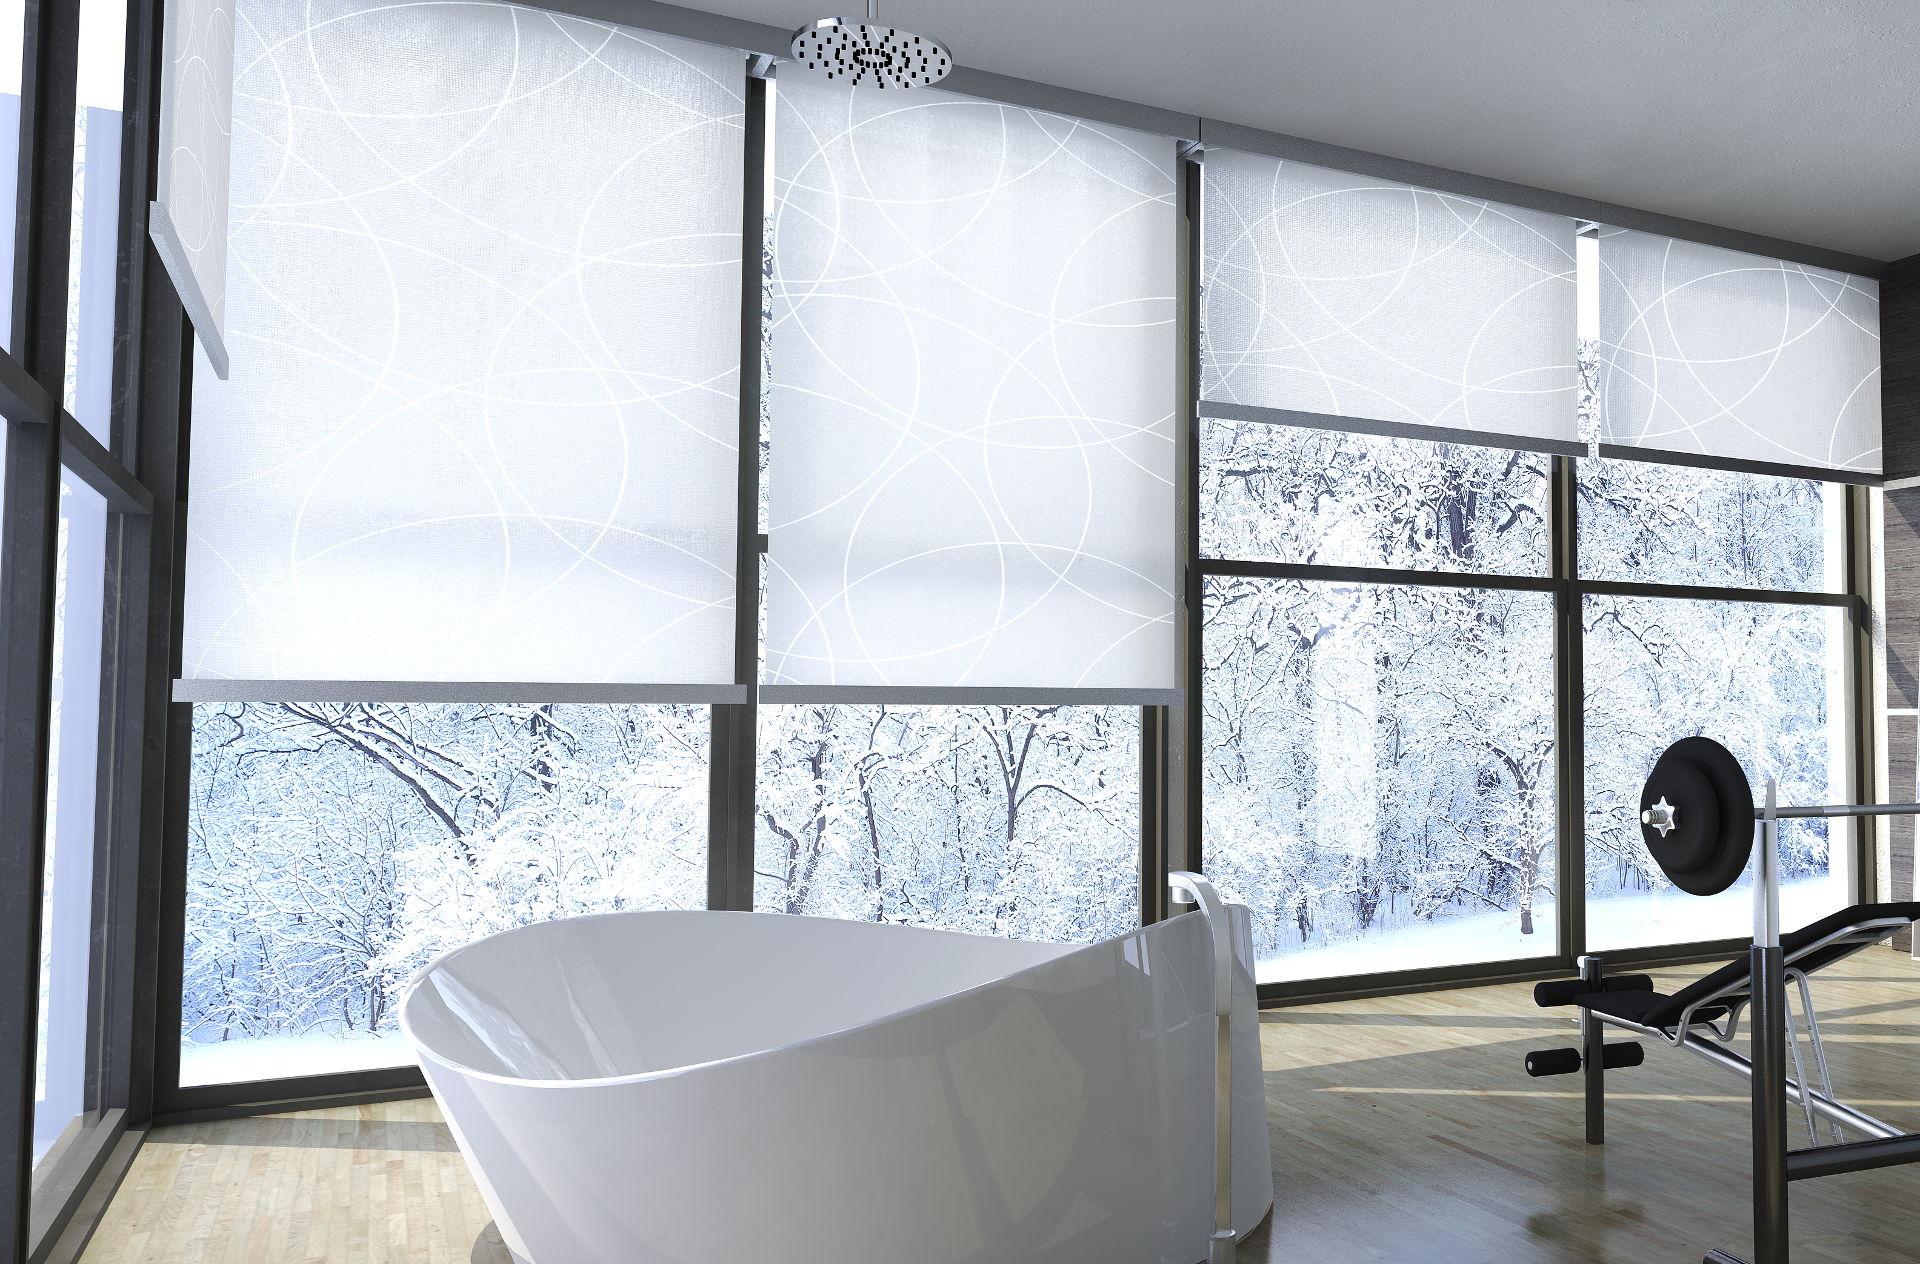 sistemi-oscuranti-Suncover-modello-idea-decorato-1 [©SUNCOVER] aria-label=